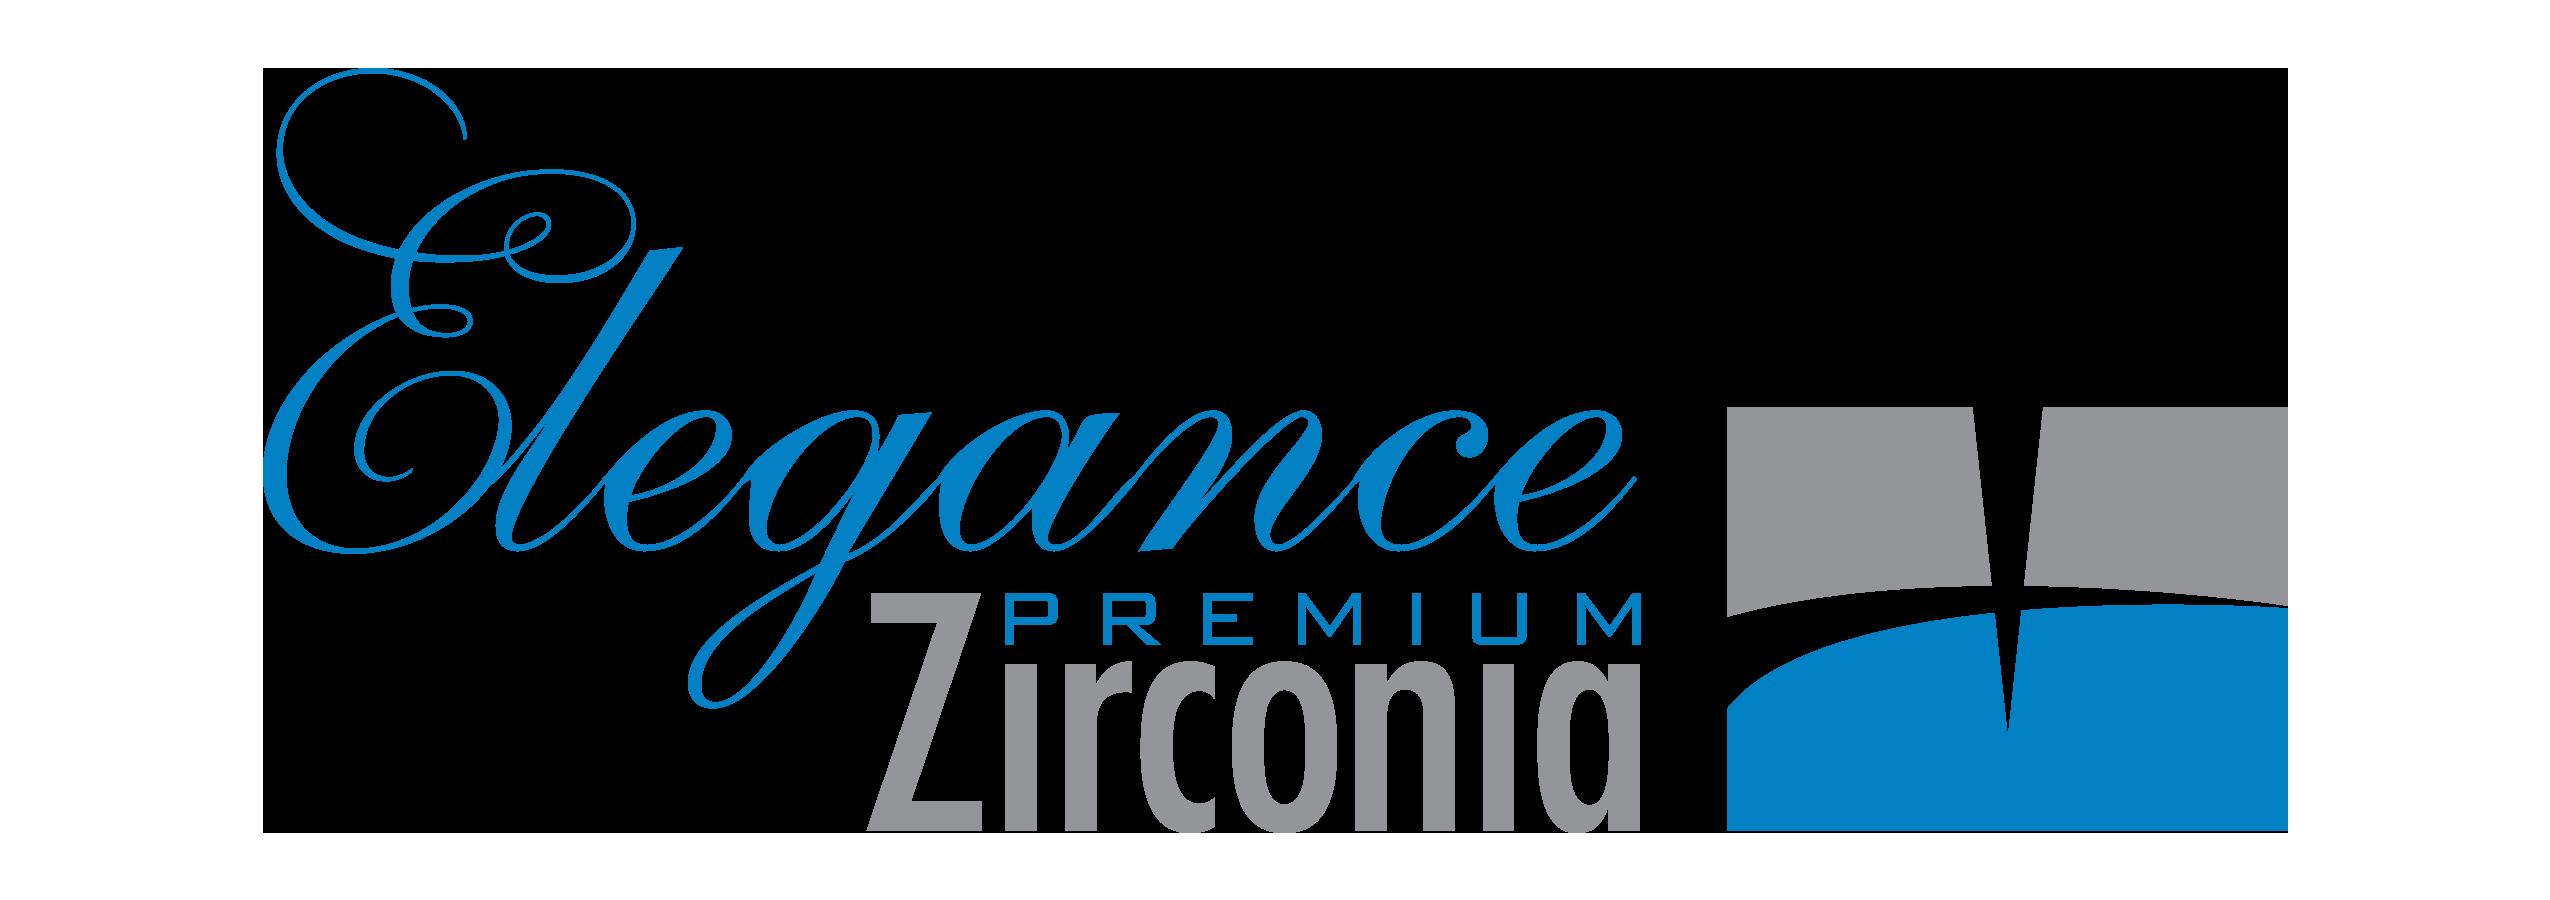 Elegance Premium Zirconia